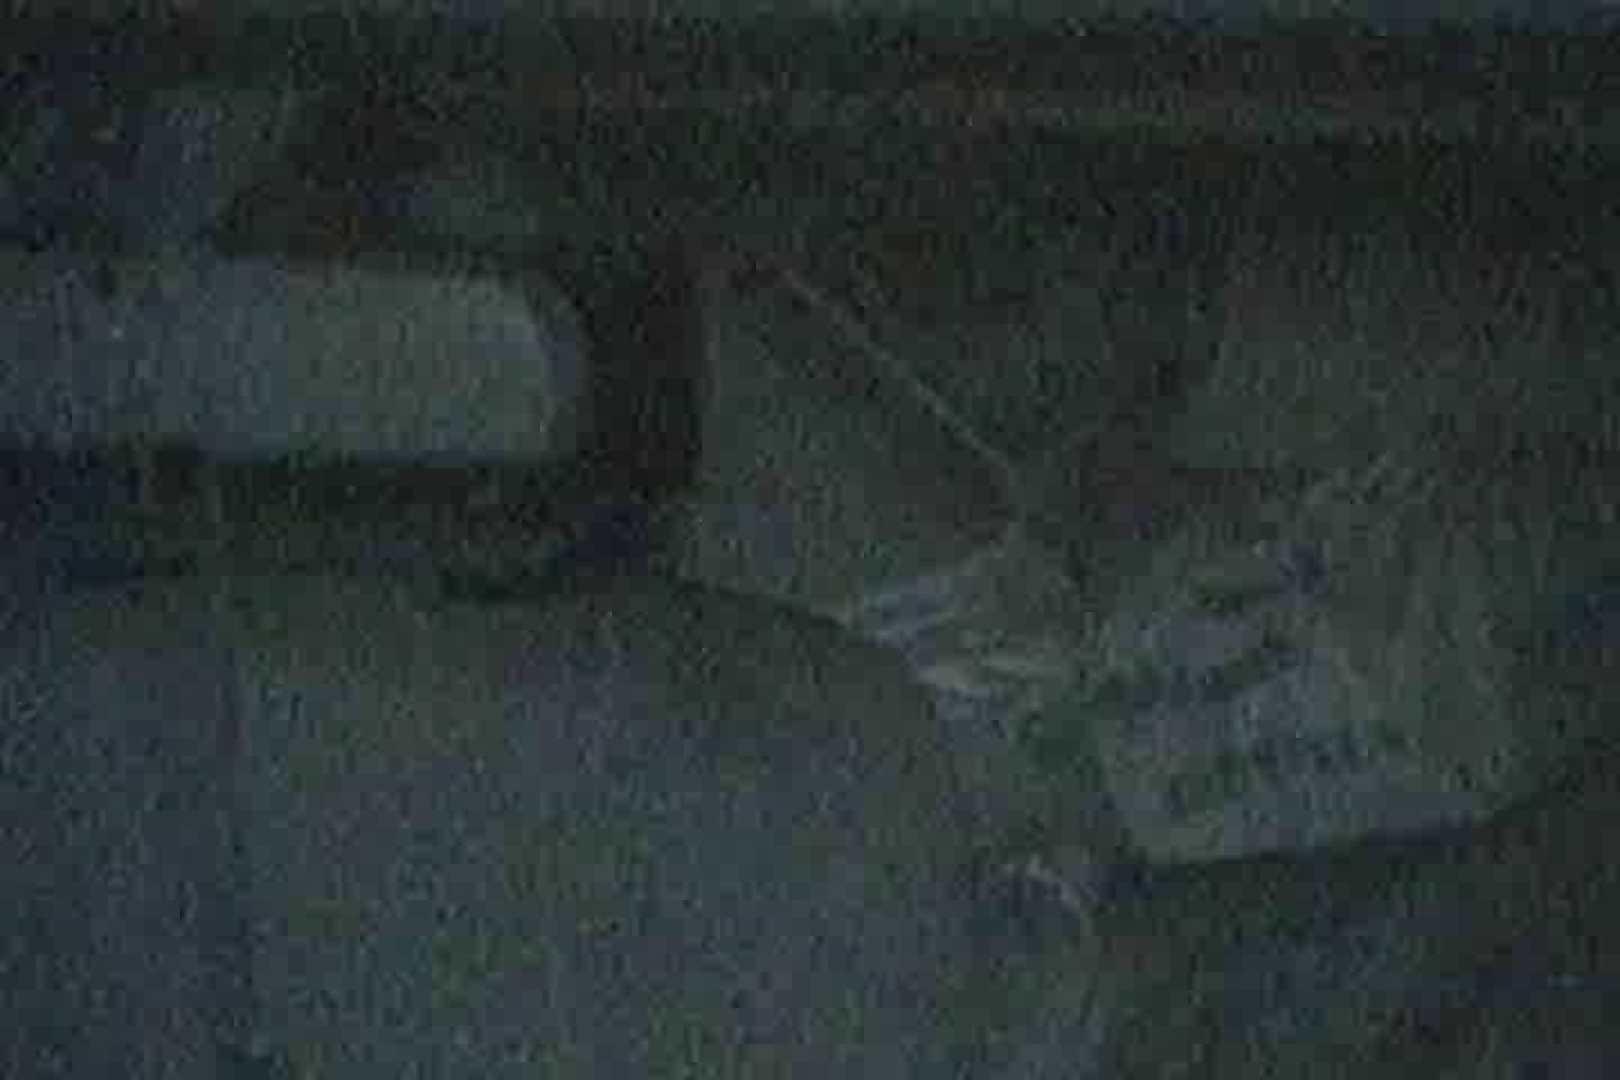 充血監督の深夜の運動会Vol.22 マンコ・ムレムレ ぱこり動画紹介 88pic 23